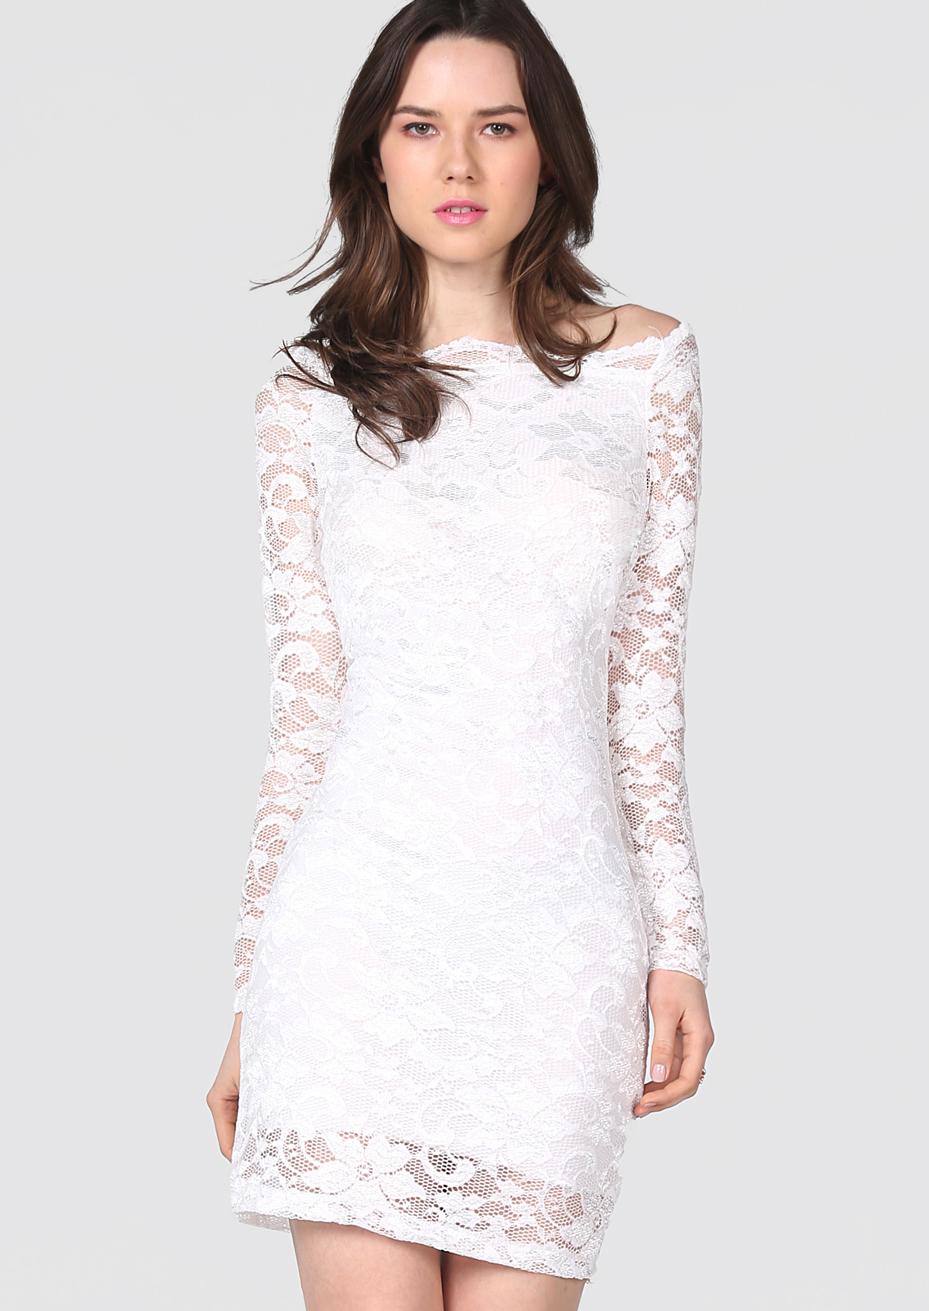 robe blanche dentelle pour une soir e. Black Bedroom Furniture Sets. Home Design Ideas